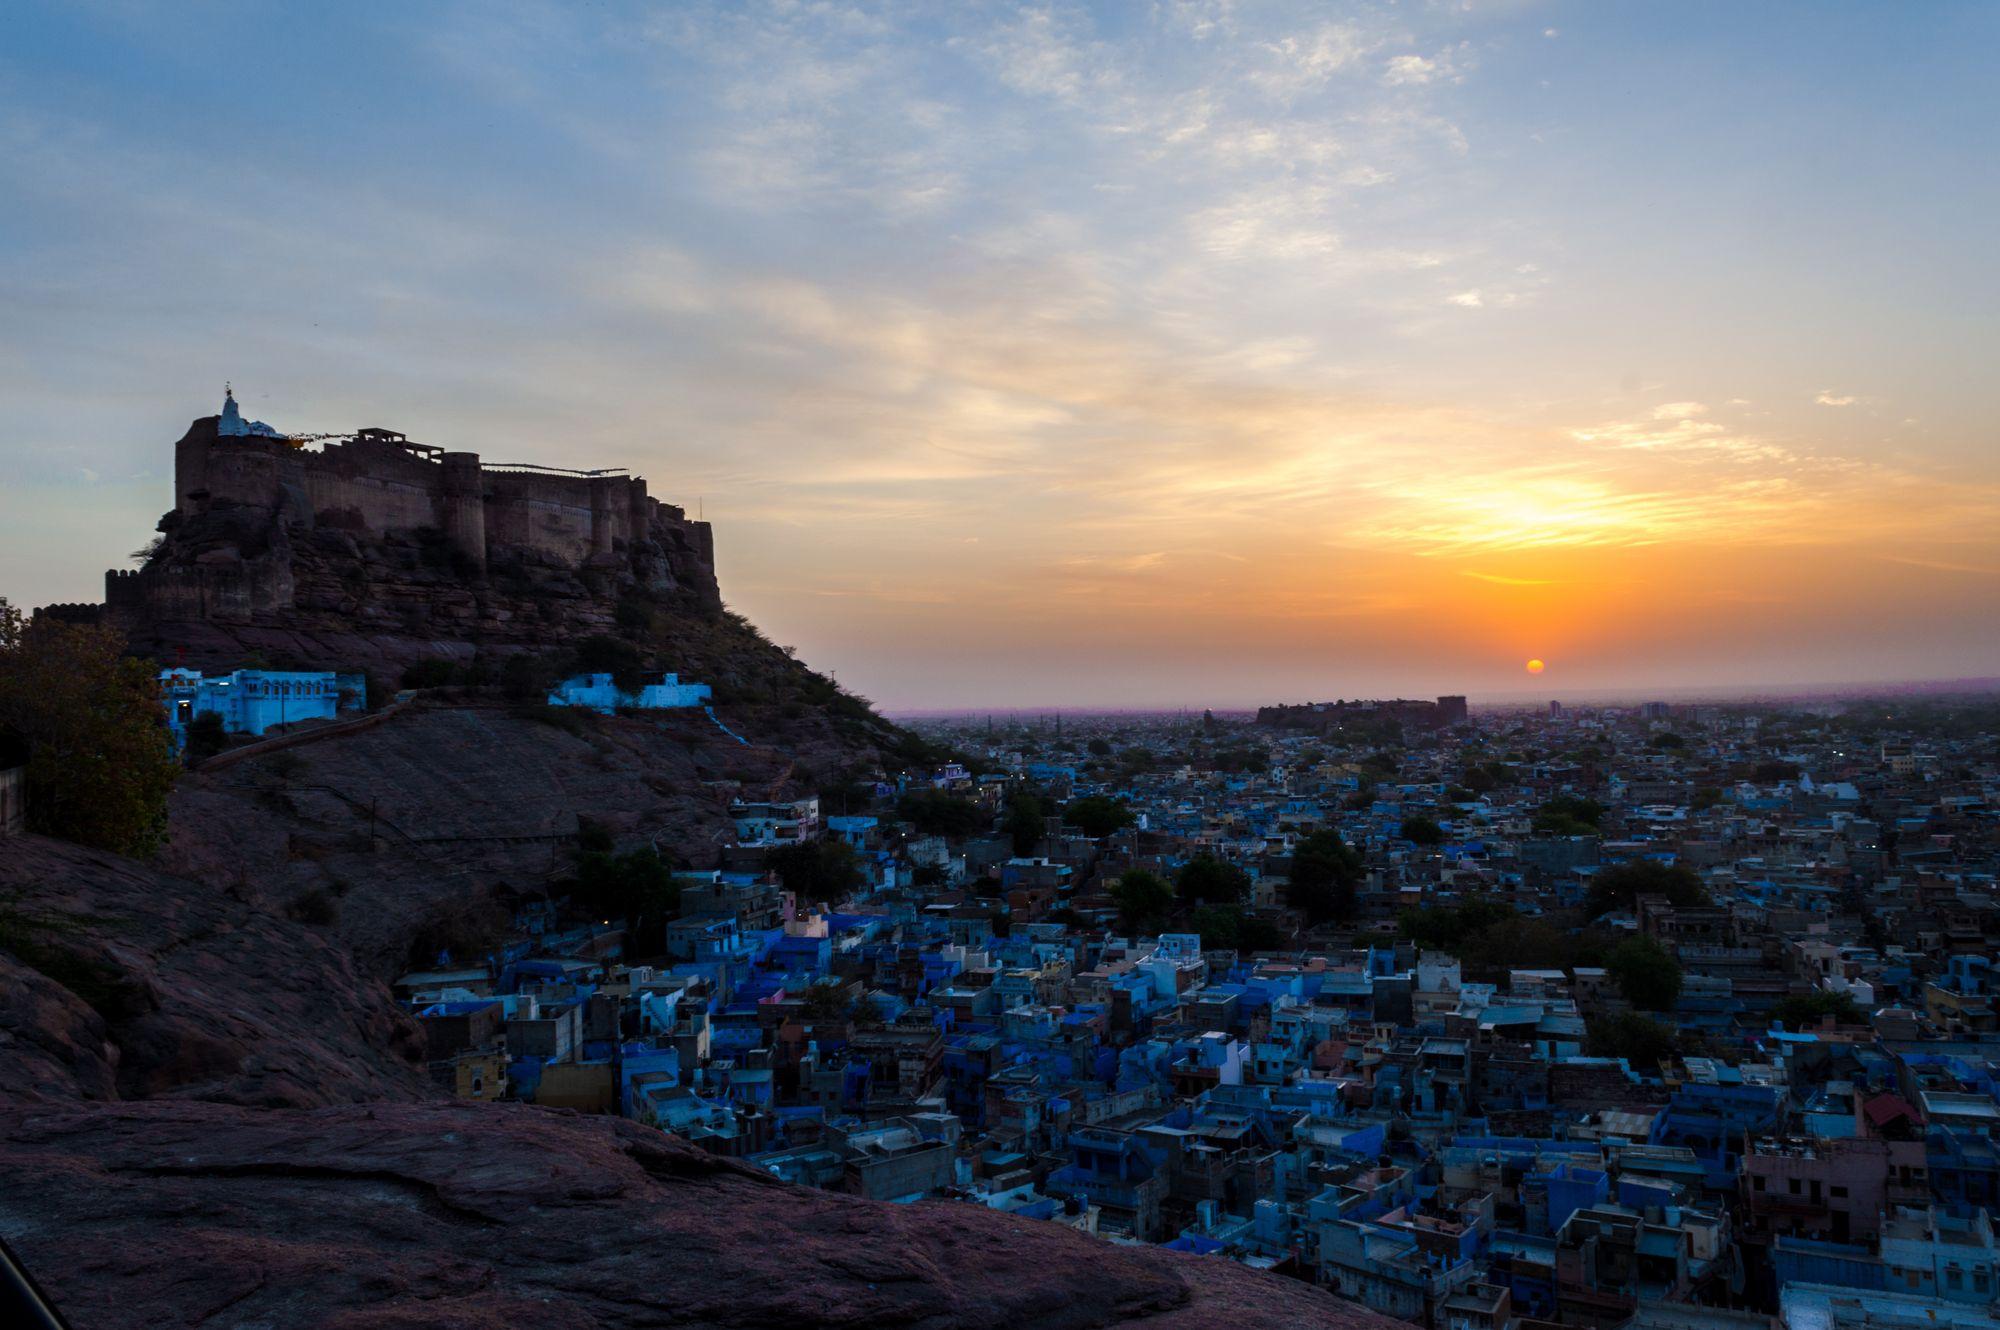 vue sur la ville de Jodhpur et ses toits bleus en Inde